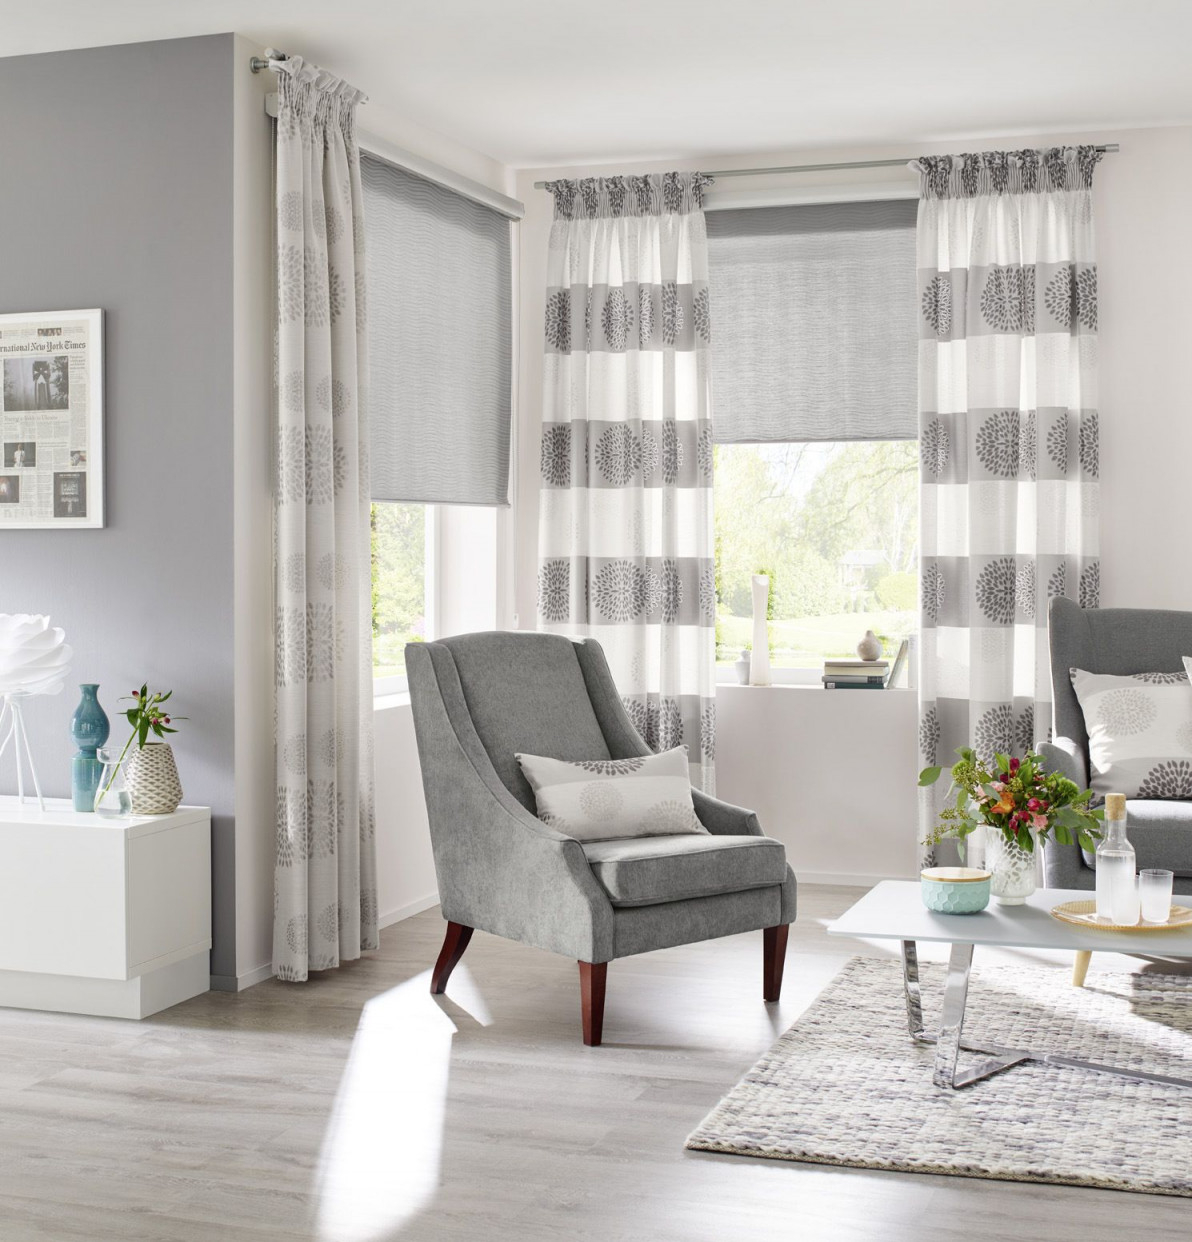 Fenster Globe Gardinen Dekostoffe Vorhang Wohnstoffe von Gardinen Ideen Für Wohnzimmer Fenster Bild